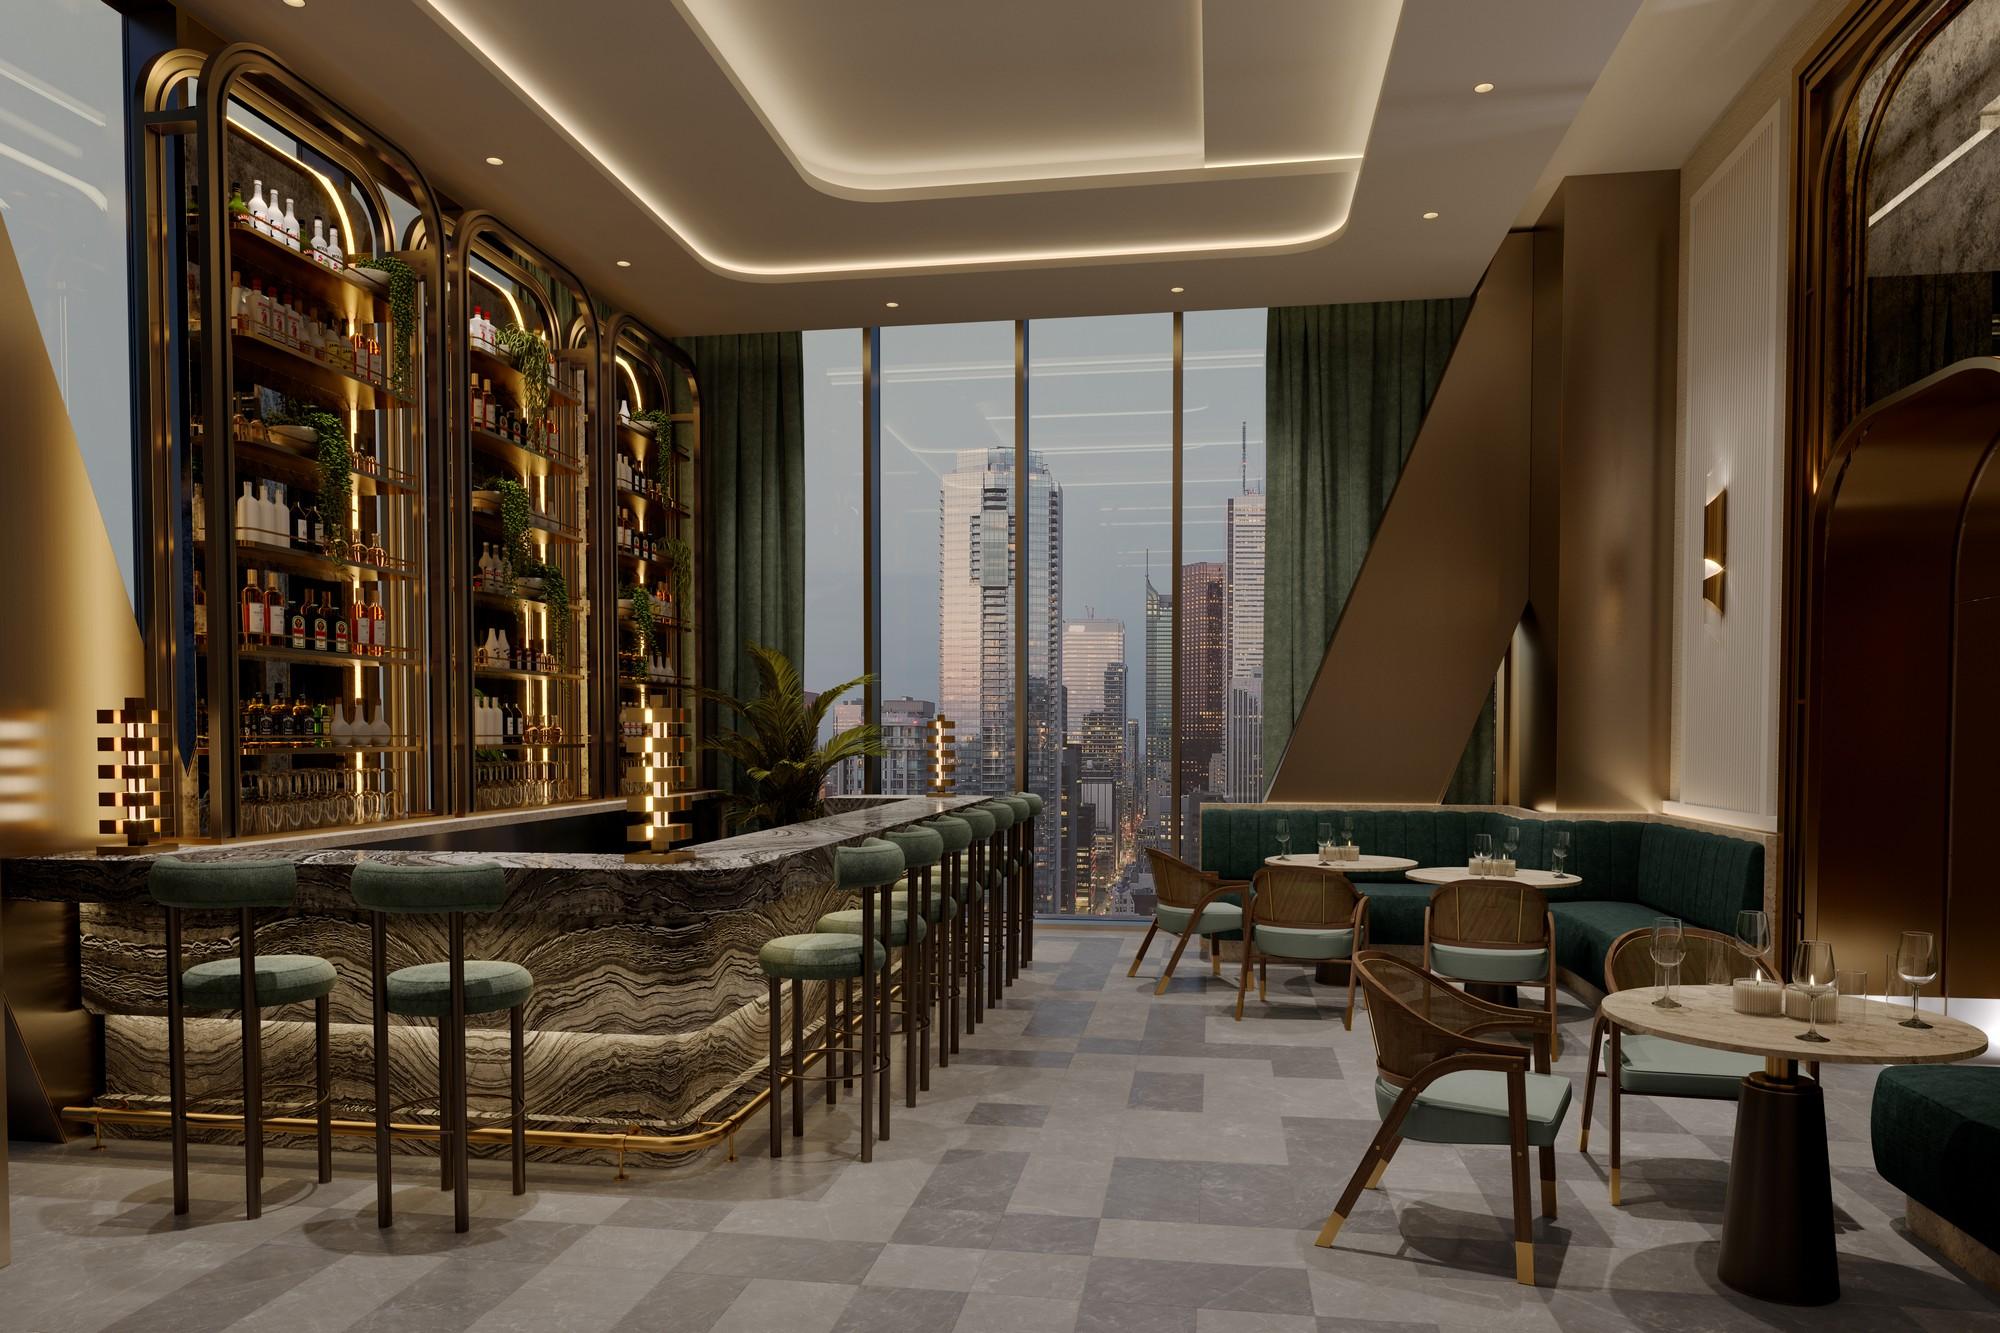 191204 Bar_Restaurant_PDR_View_003